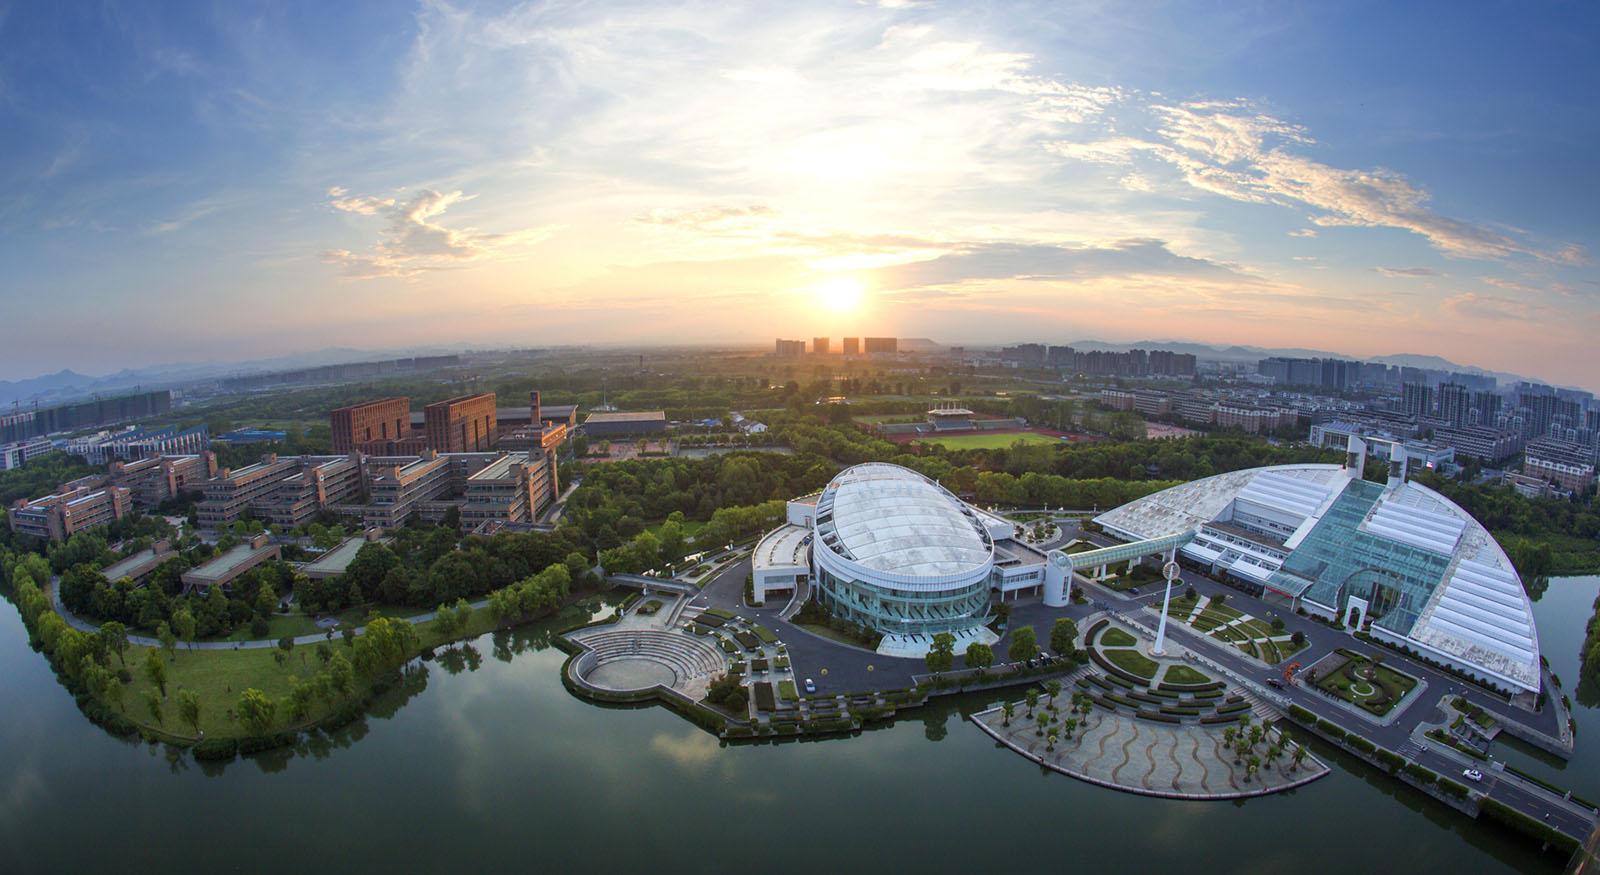 محوطه دانشگاه ژجیانگ چین